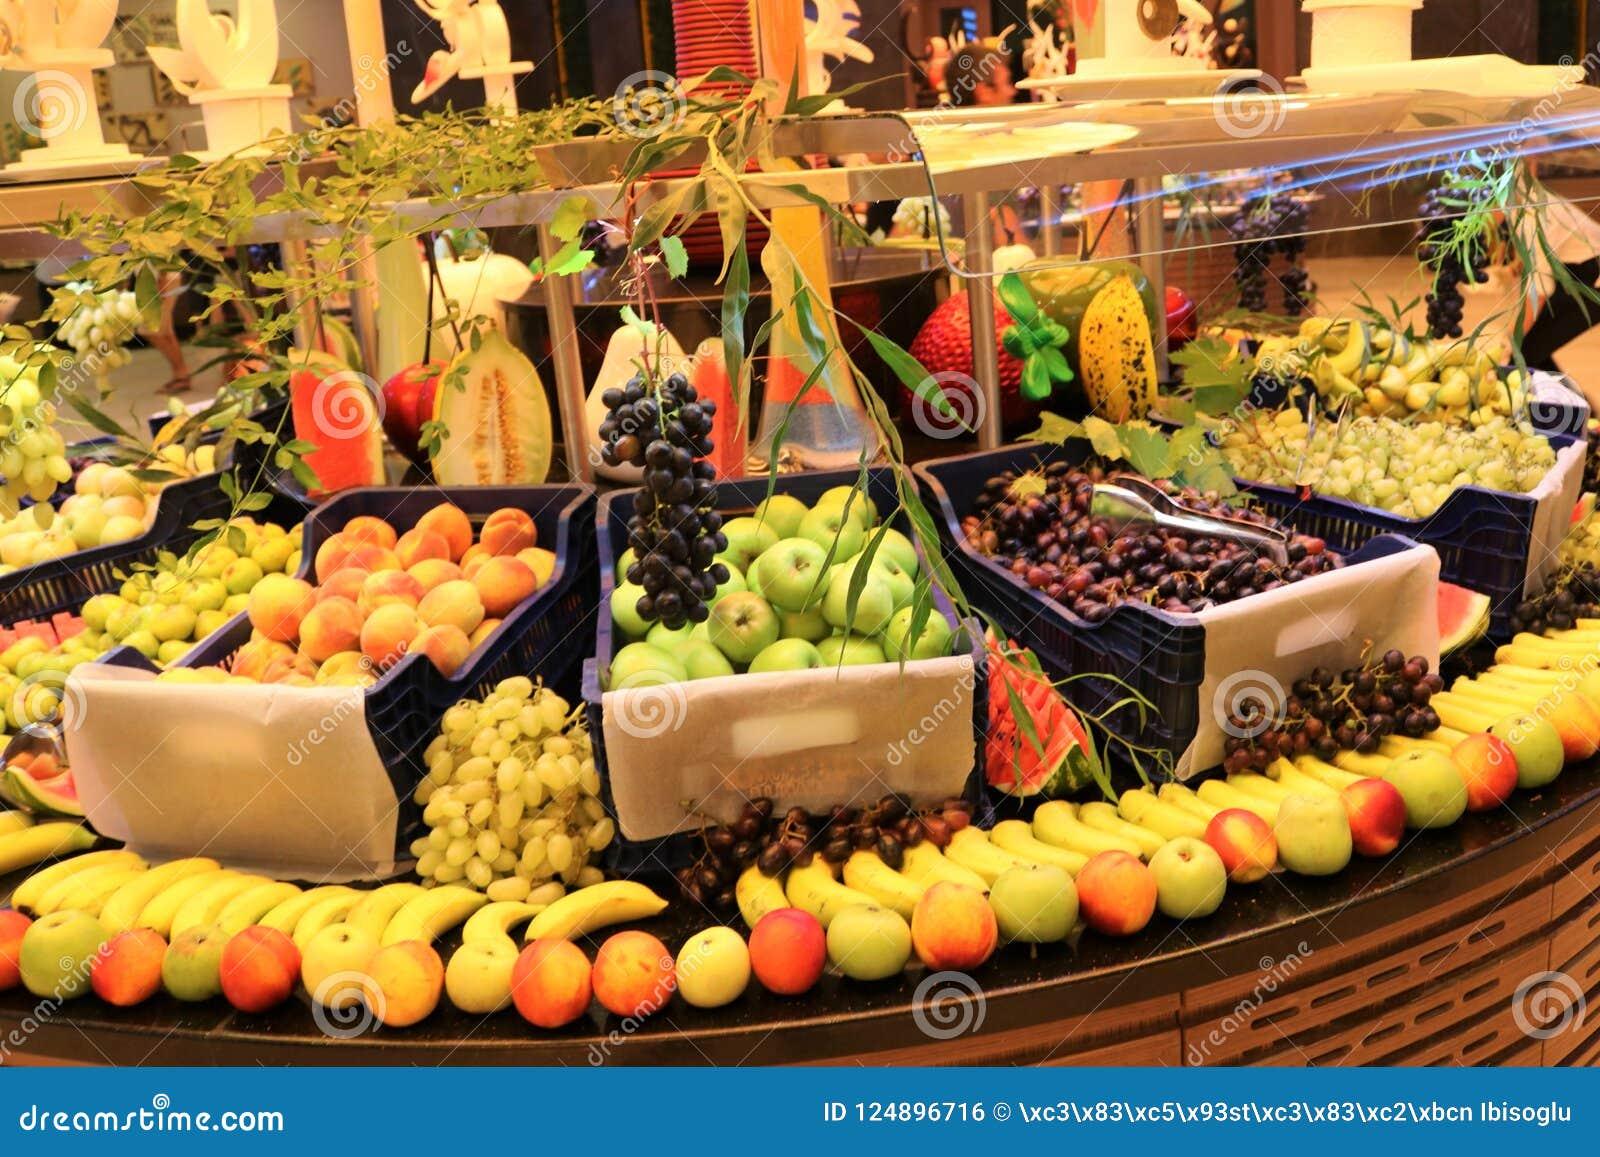 Greengrocer. Fruit shop. Fresh fruit. Fruit market. Grocery store.